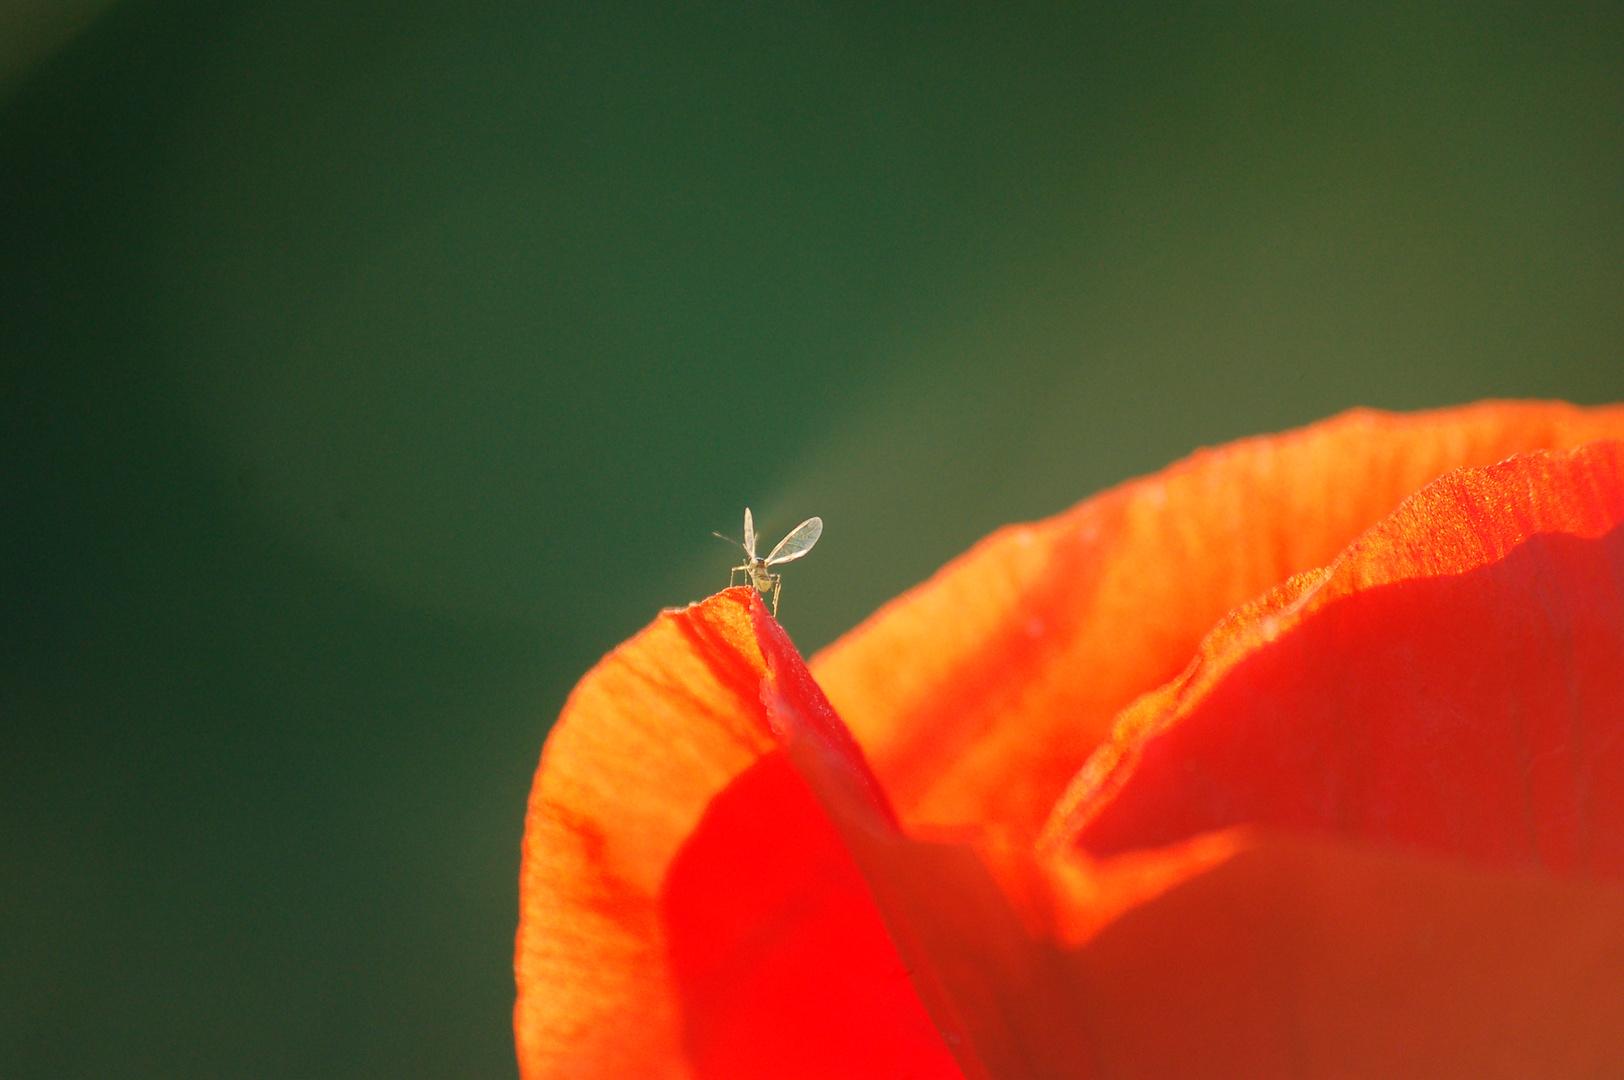 Insekt auf Mohnblüte